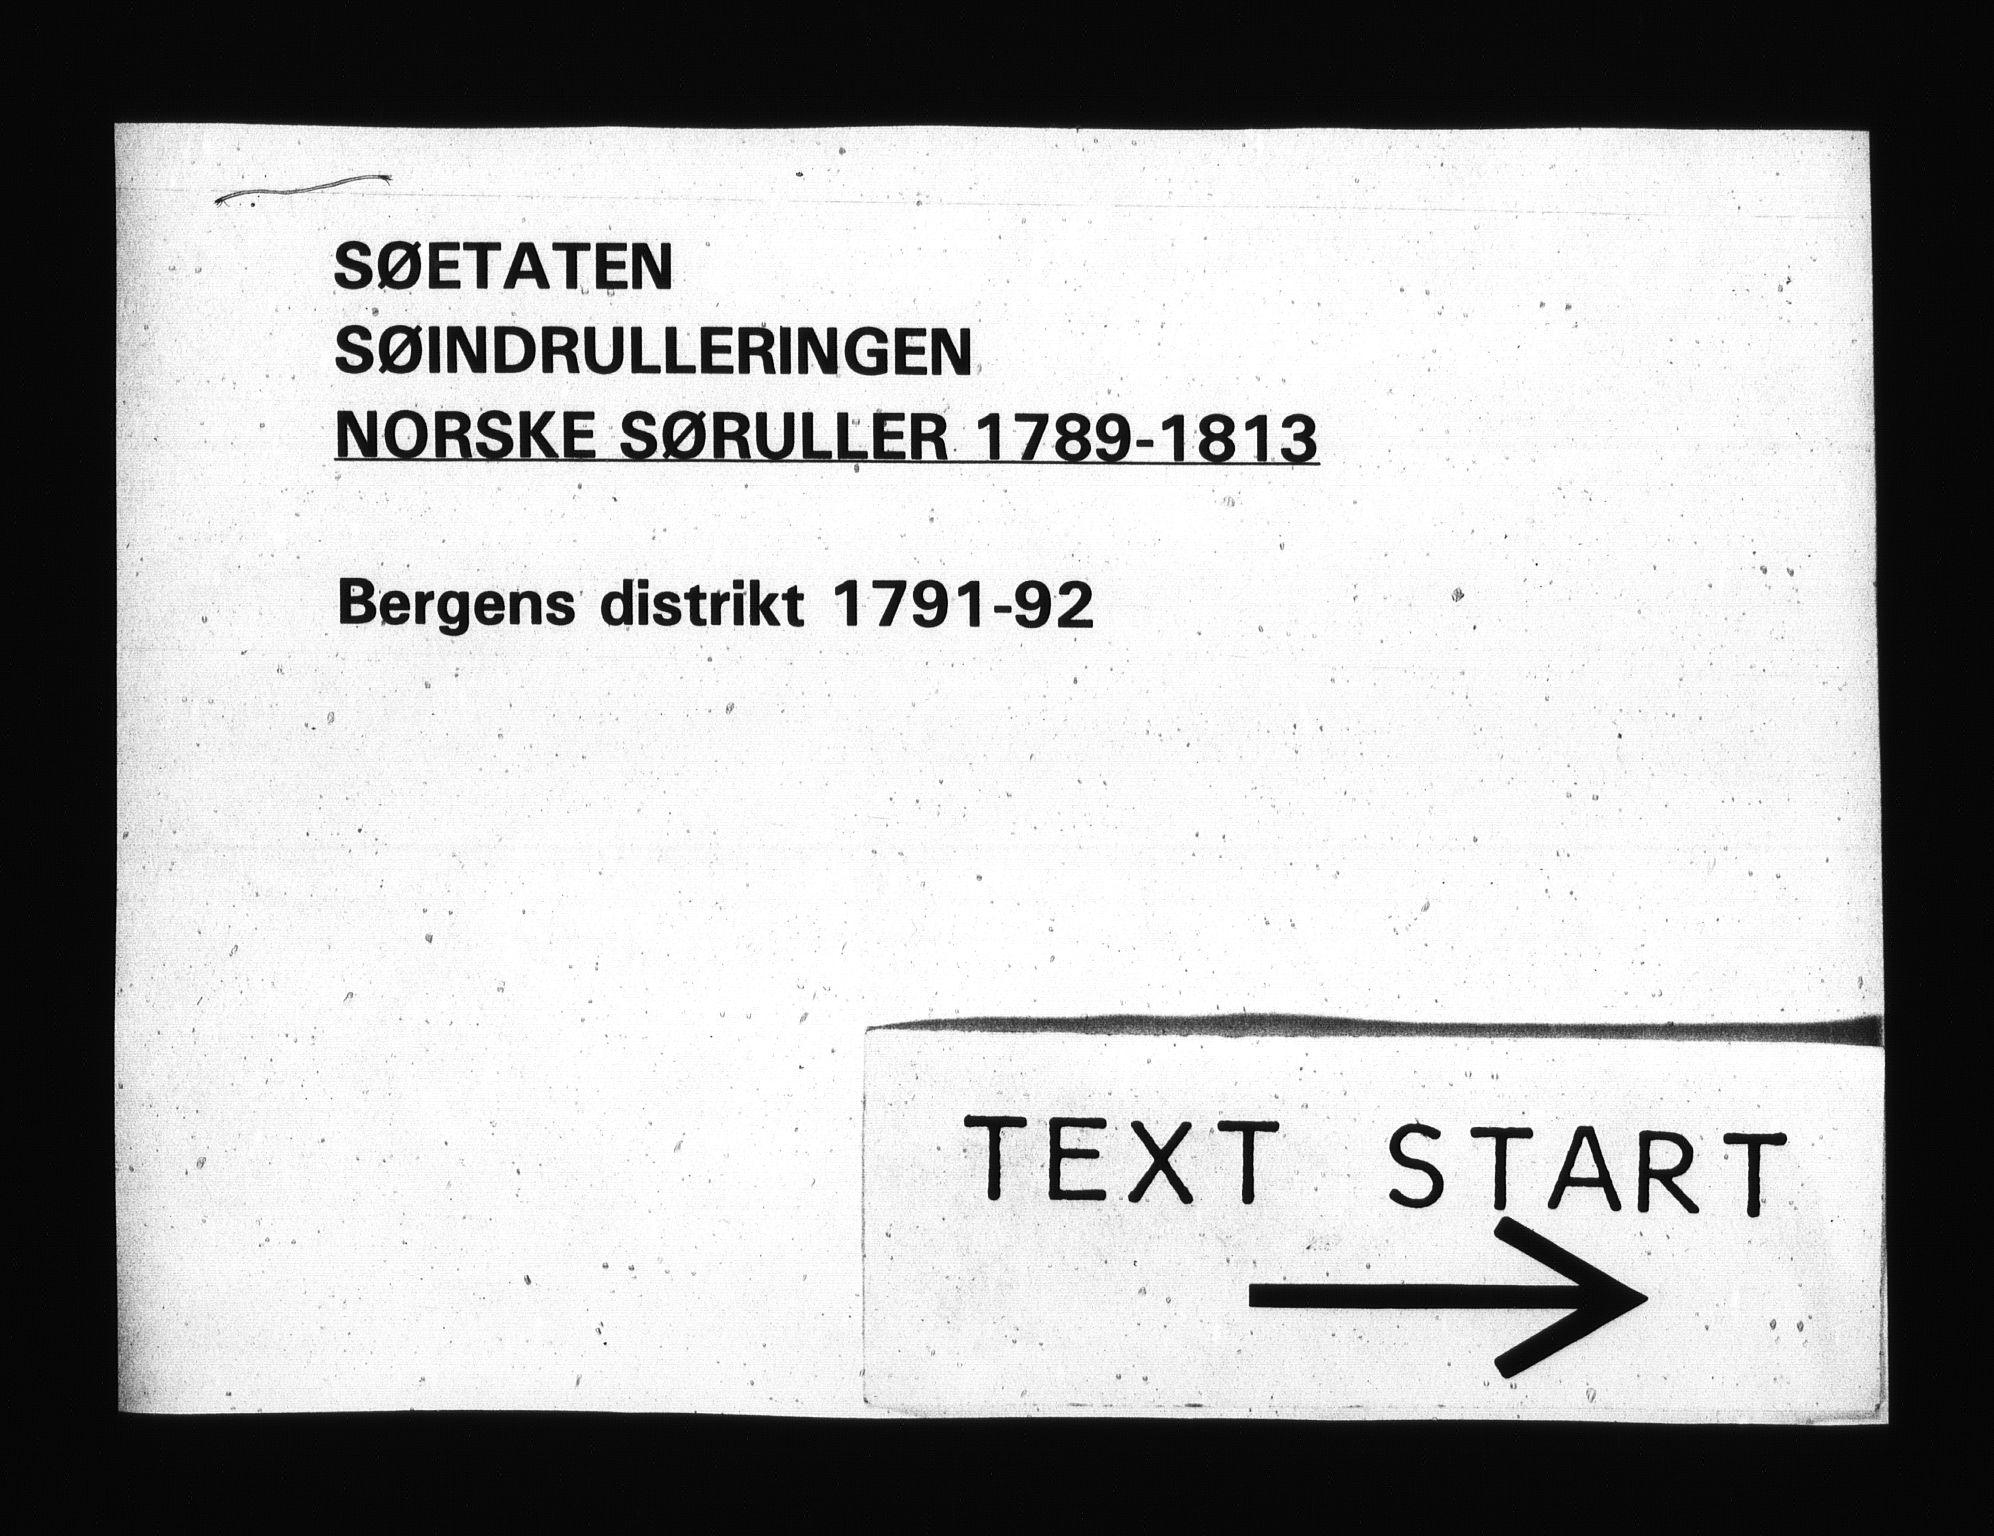 RA, Sjøetaten, F/L0217: Bergen distrikt, bind 1, 1791-1792